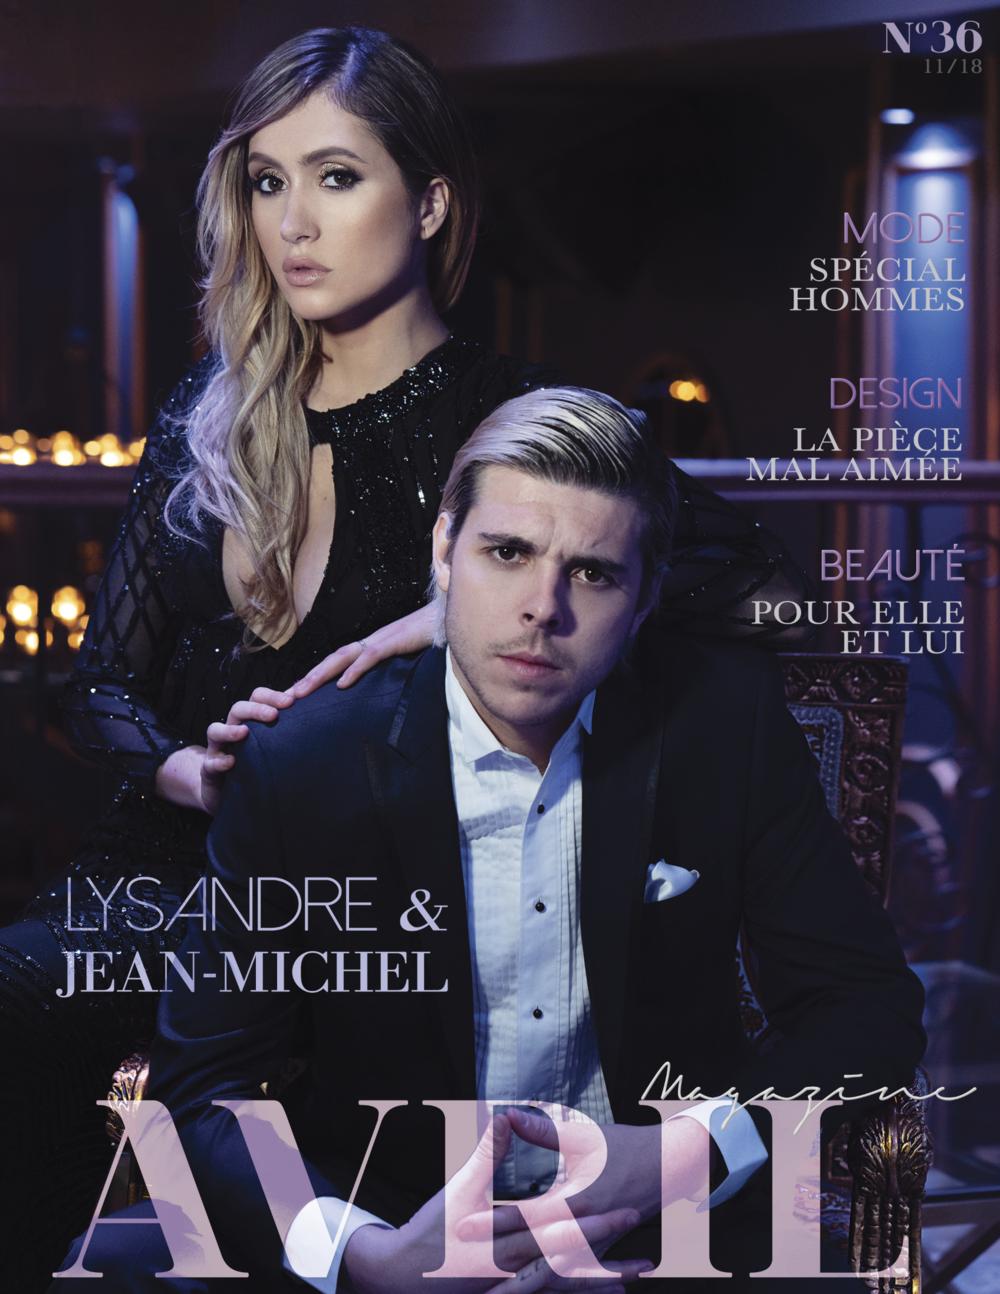 Cover_Lysandre&Jean-Michel_Avril Magazine_nov2018.jpg